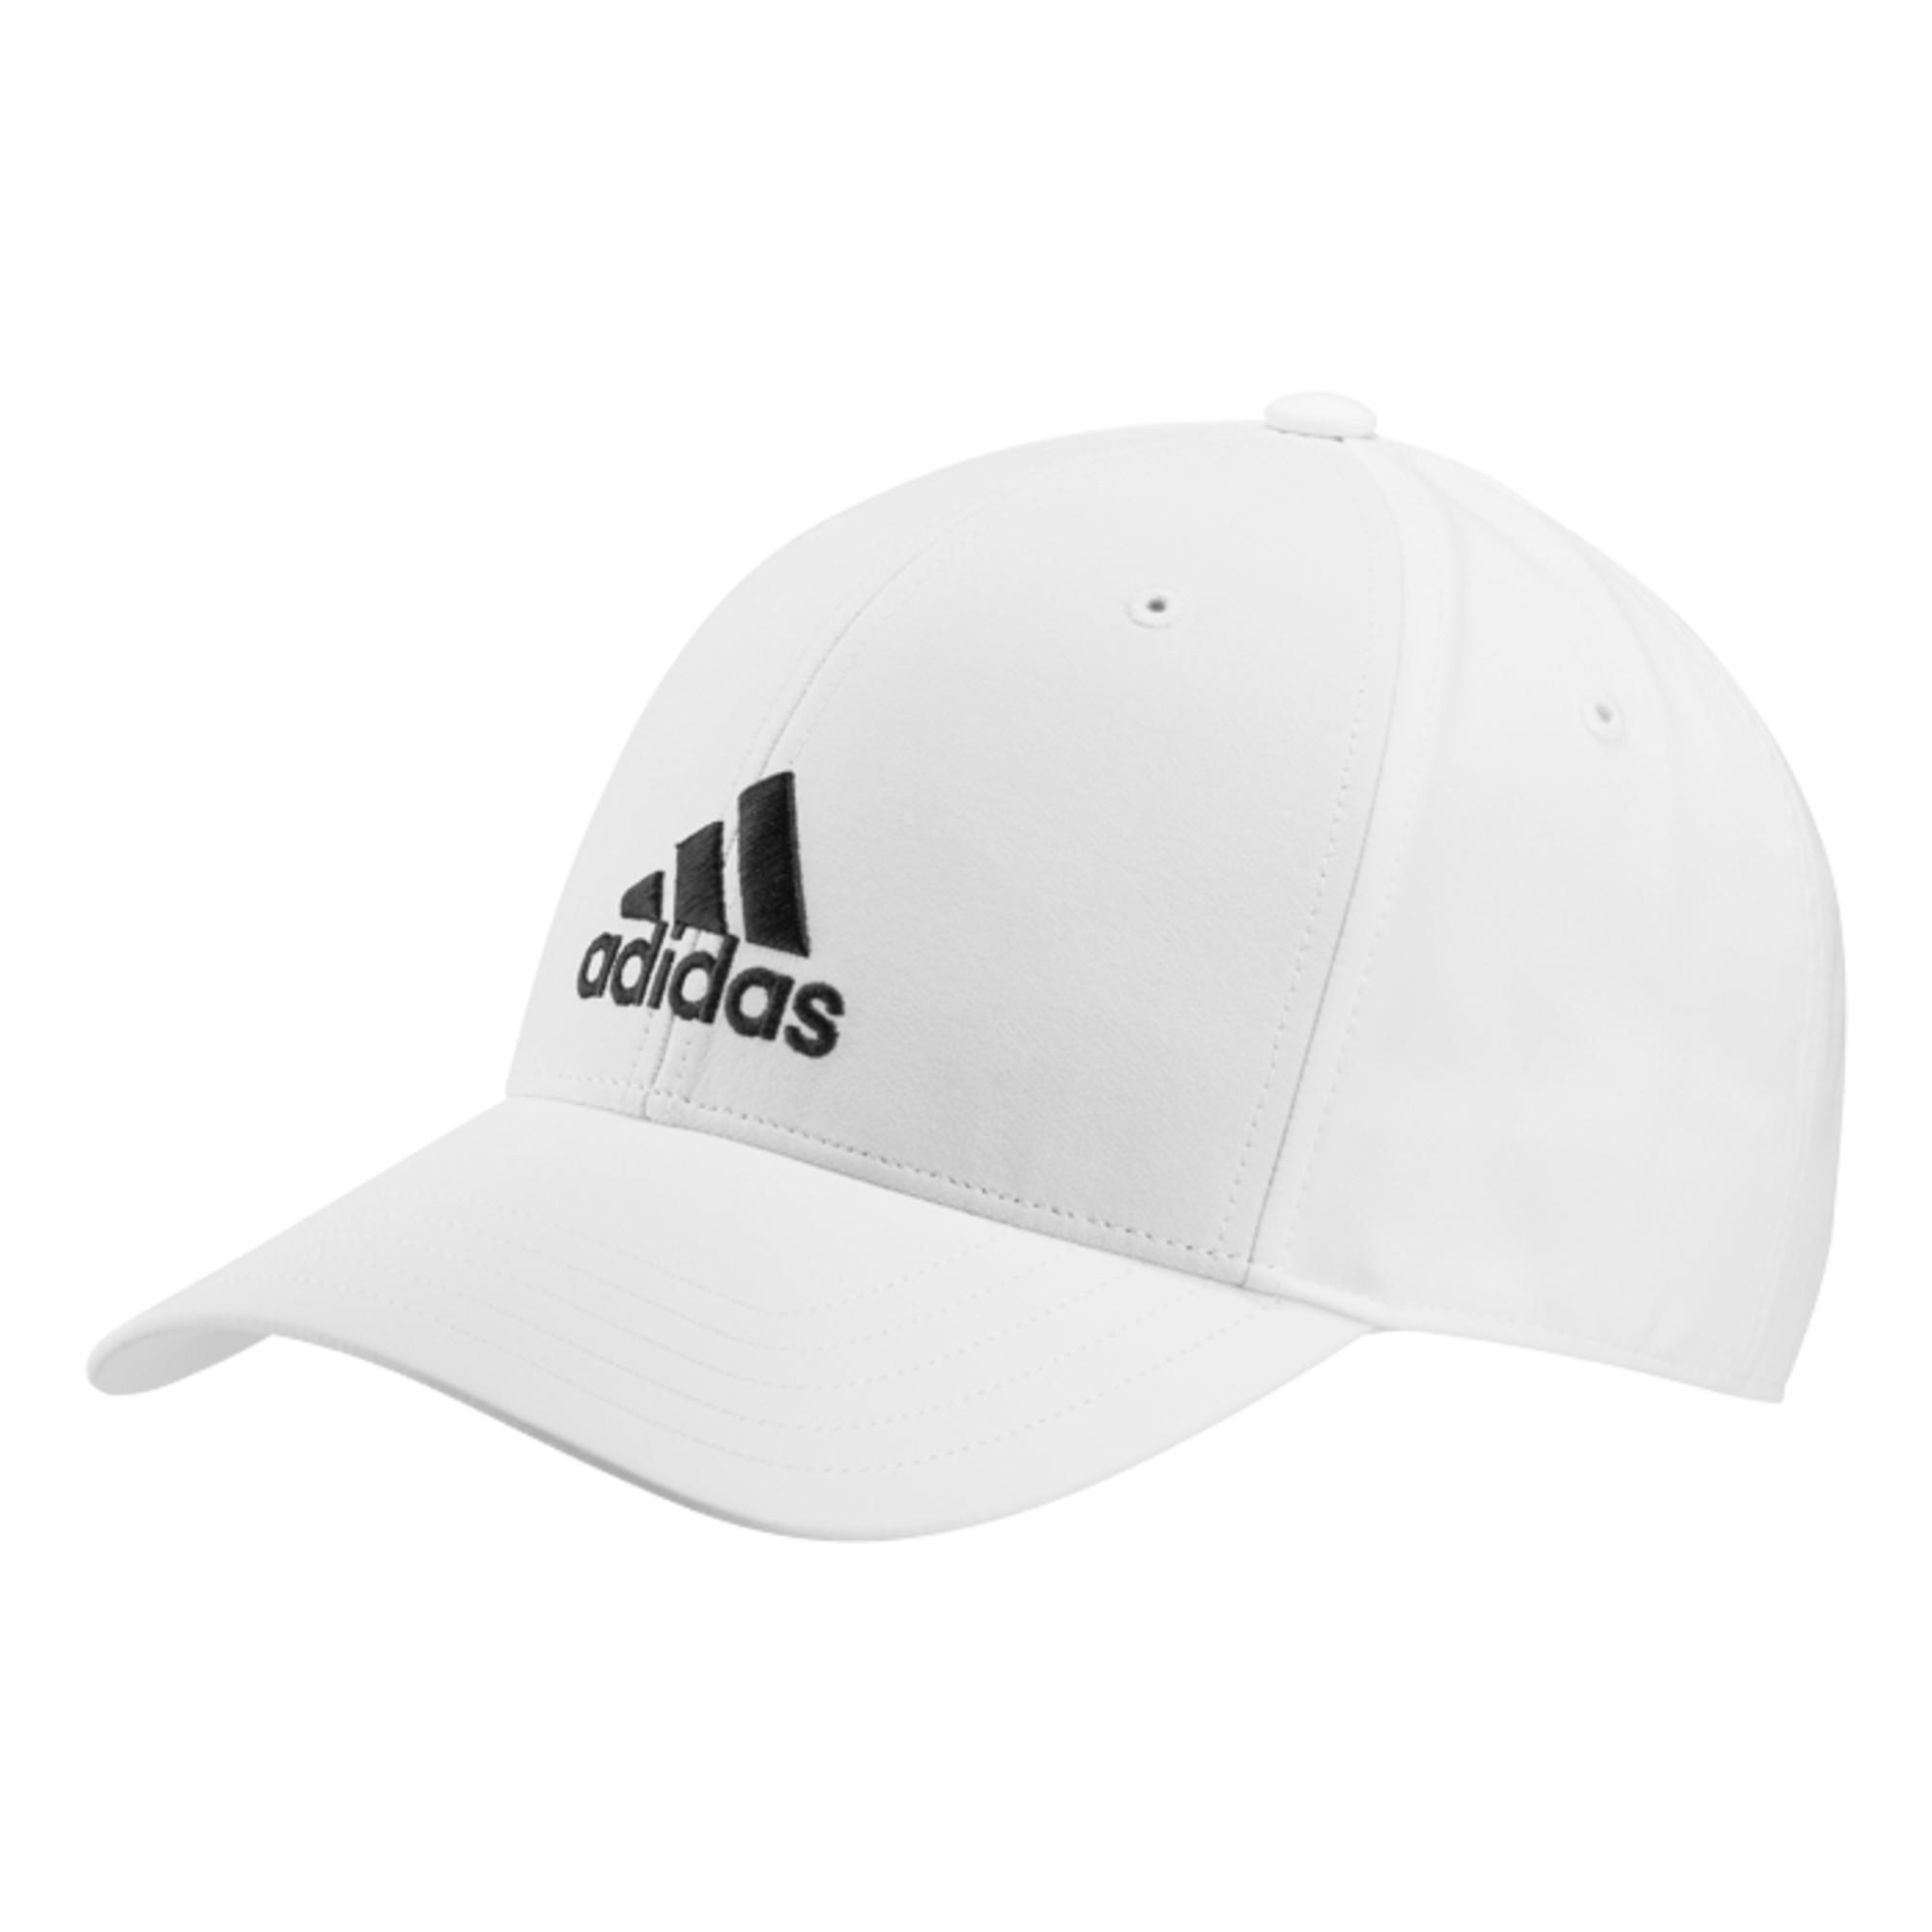 Șapcă Tenis Adidas Mărimea 58 imagine